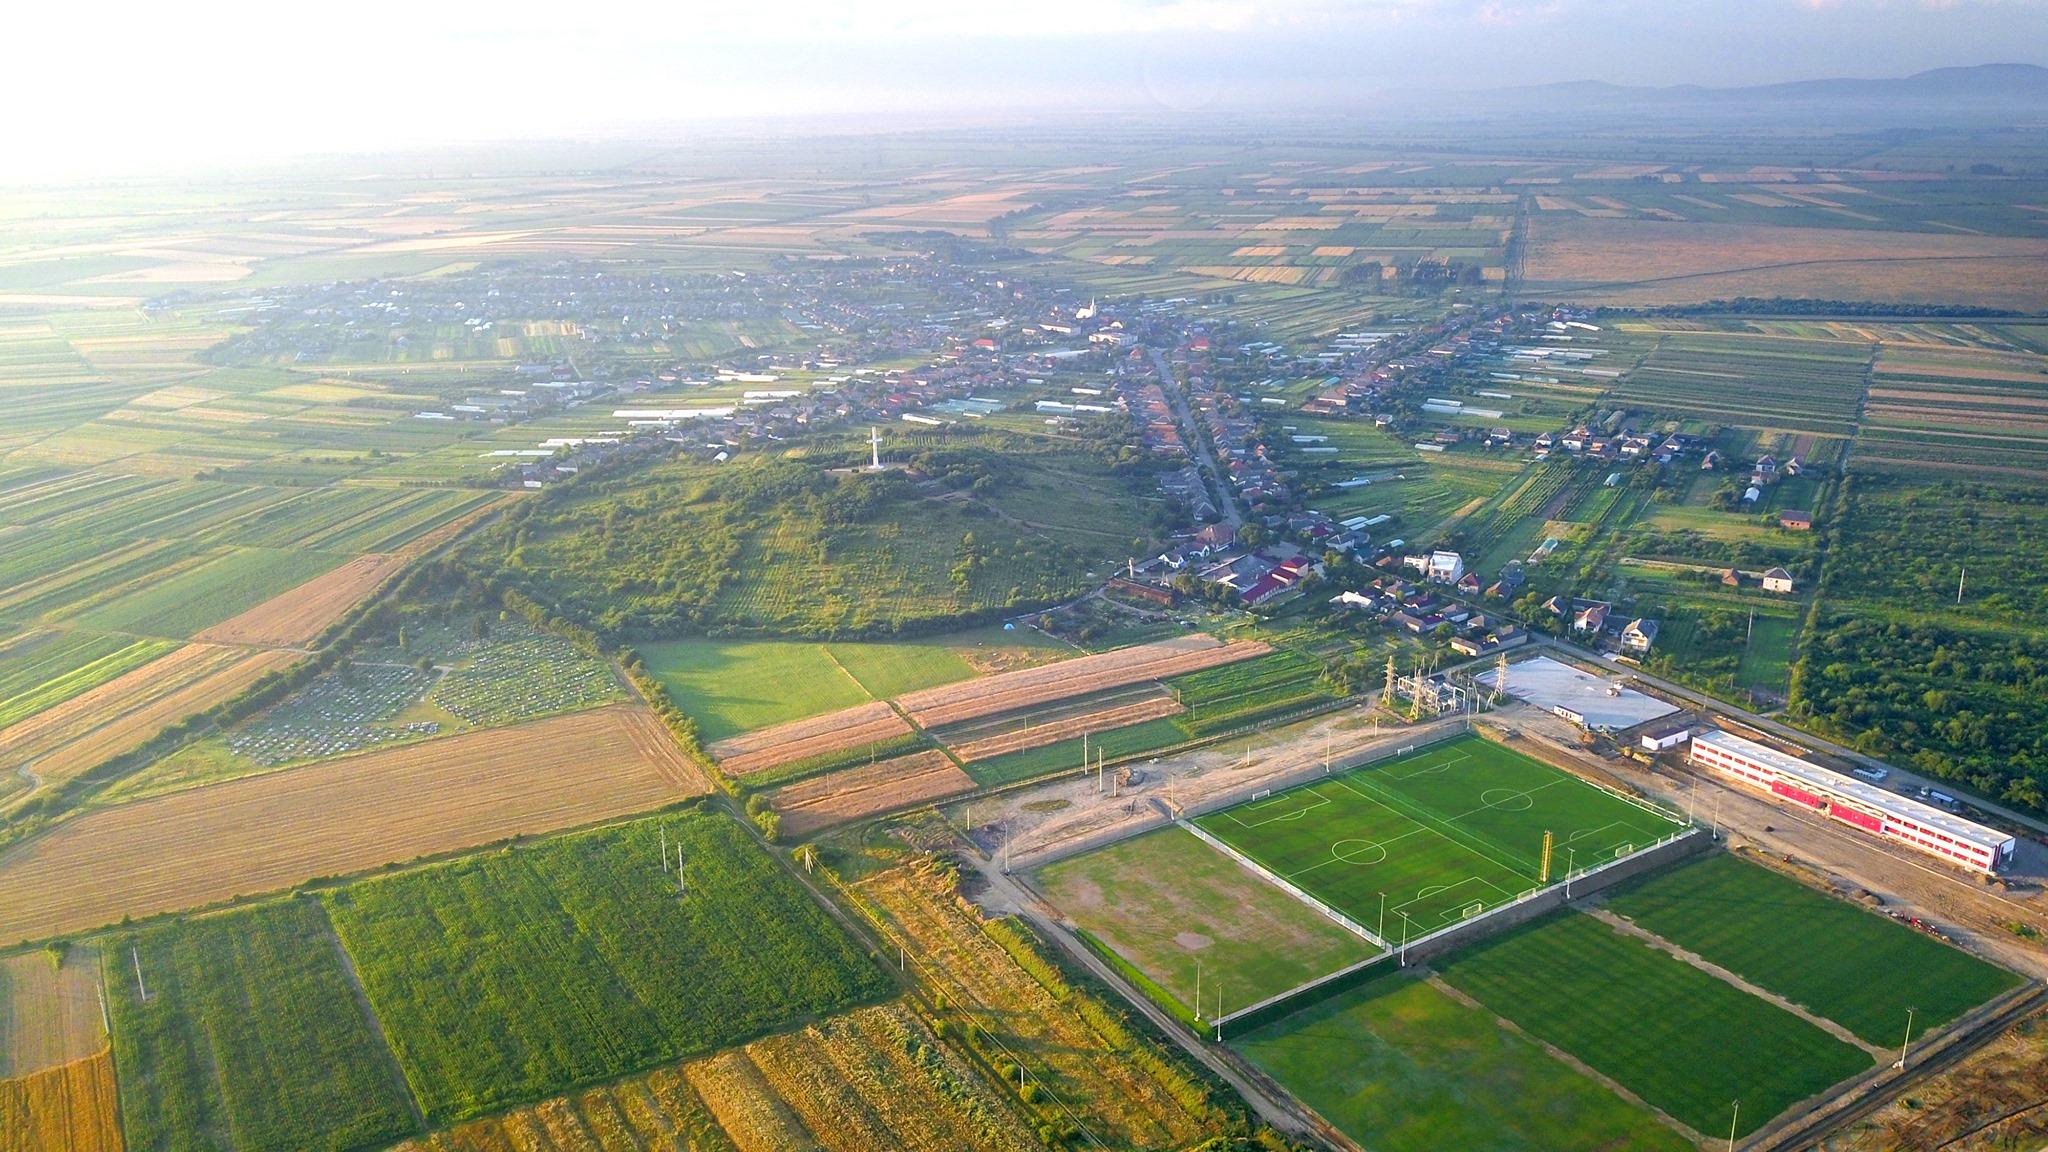 Культурний шлях село Дерцен розповідає про історію, культурну матеріальну і нематеріальну спадщину, про людей та туристичні можливості громади Мукачево.